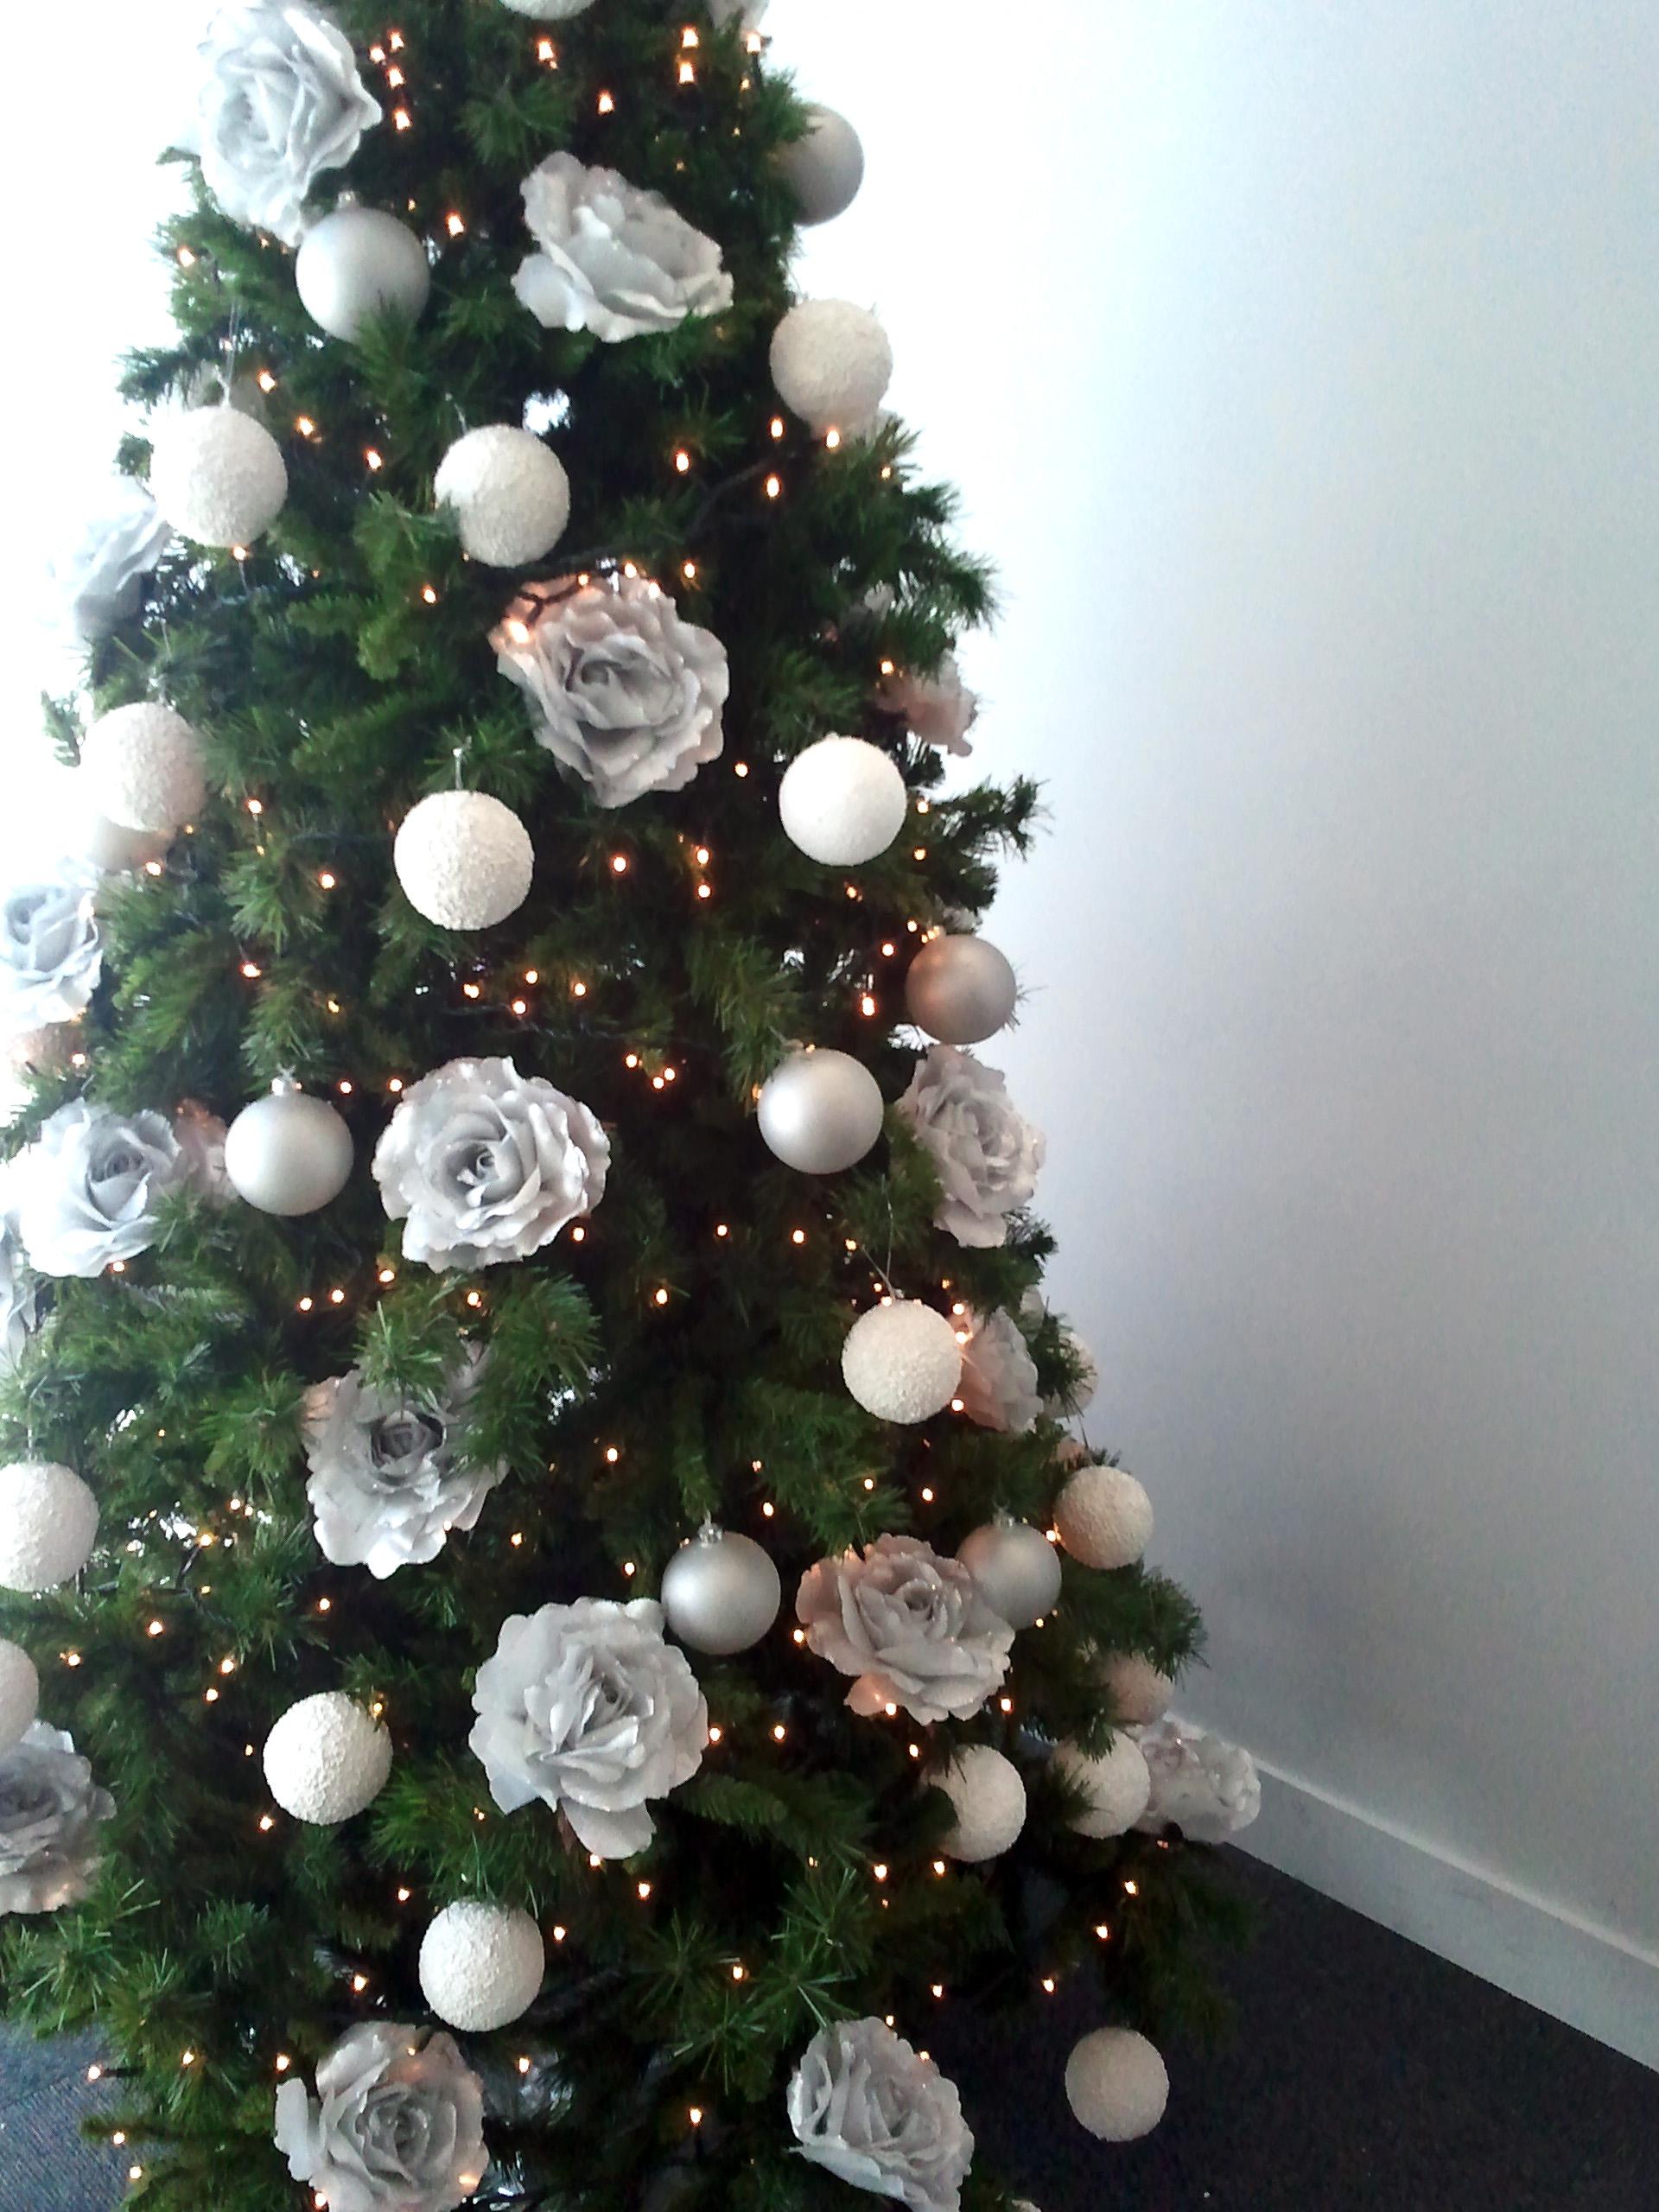 Rboles navidad color blanco b m rboles de navidad - Arbol de navidad en blanco ...